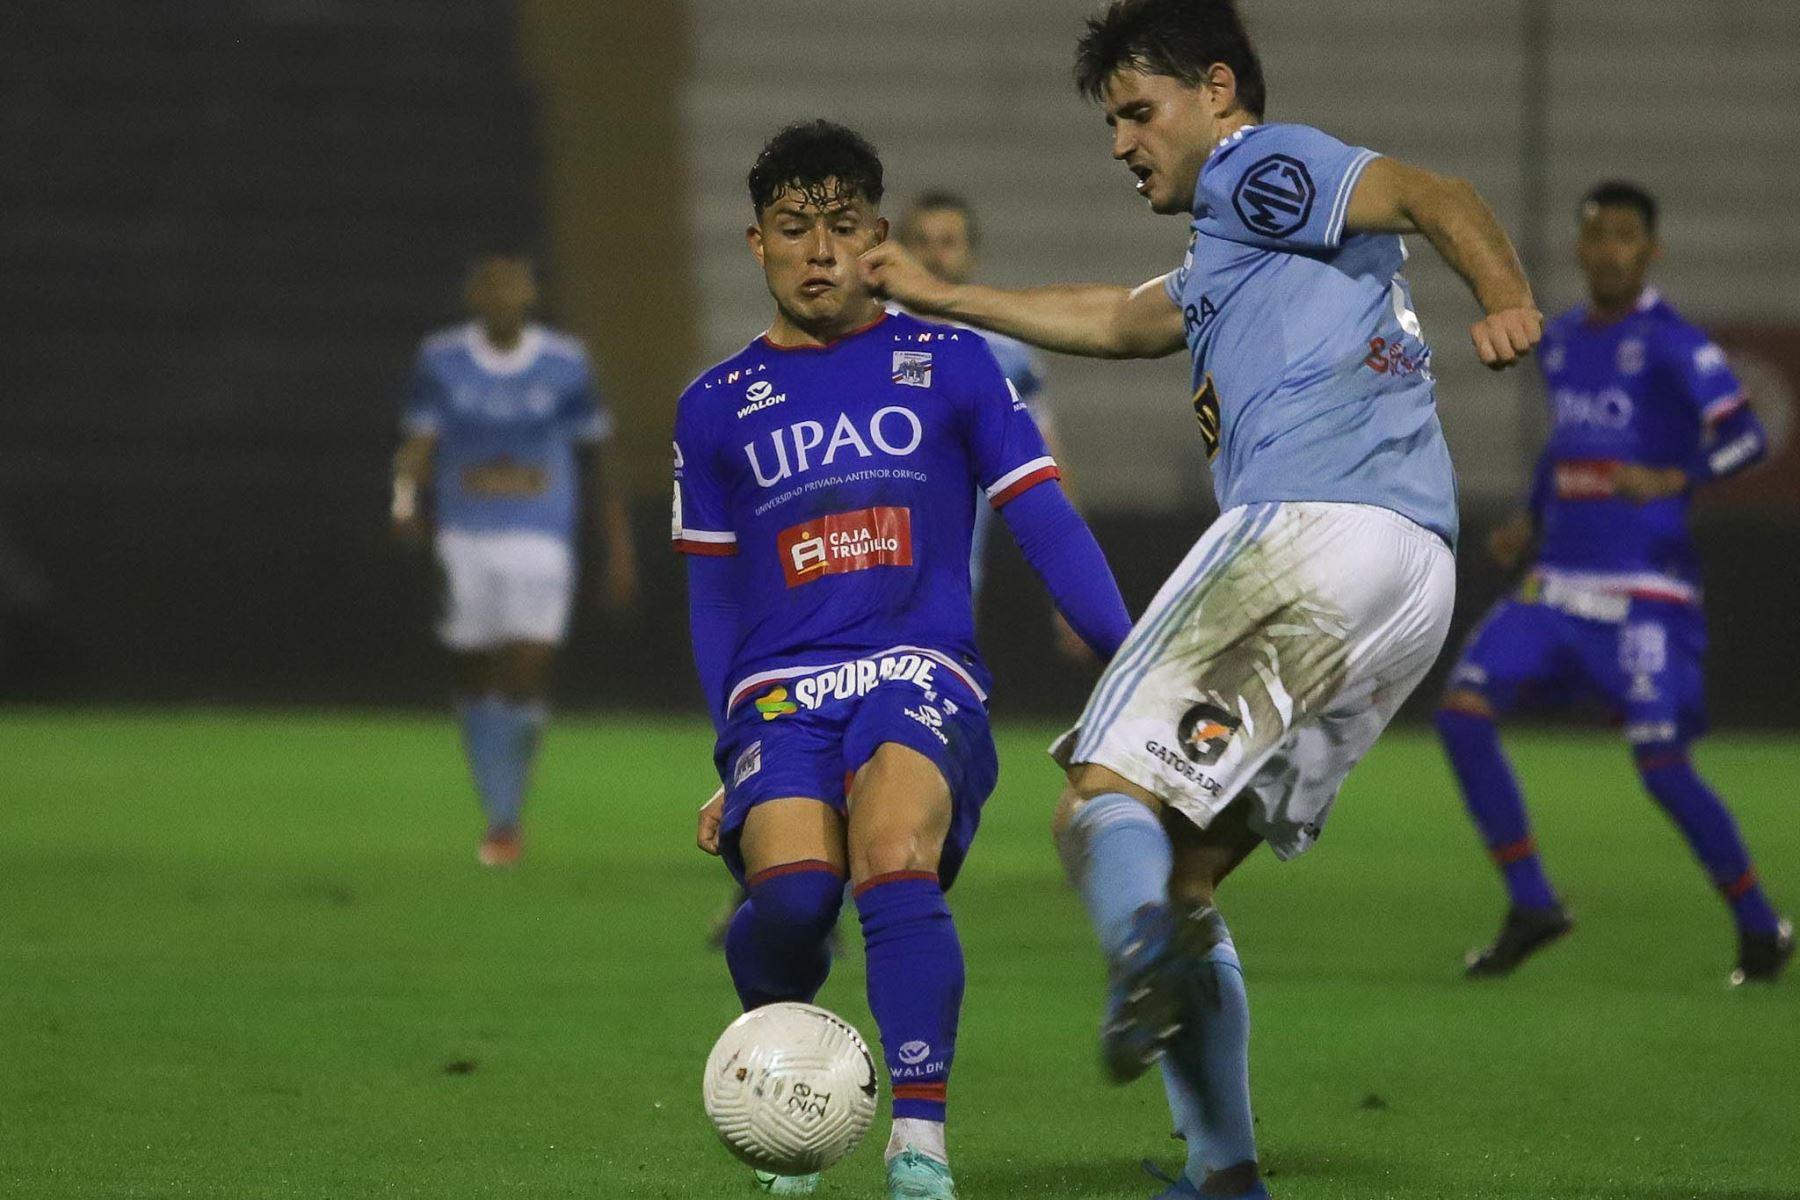 El Club Sporting Cristal se impuso 2-1 ante el Mannucci  y se consagra como campeón de la Copa Bicentenario 2021 en el estadio Alejandro Villanueva. Foto: @LigaFutProf